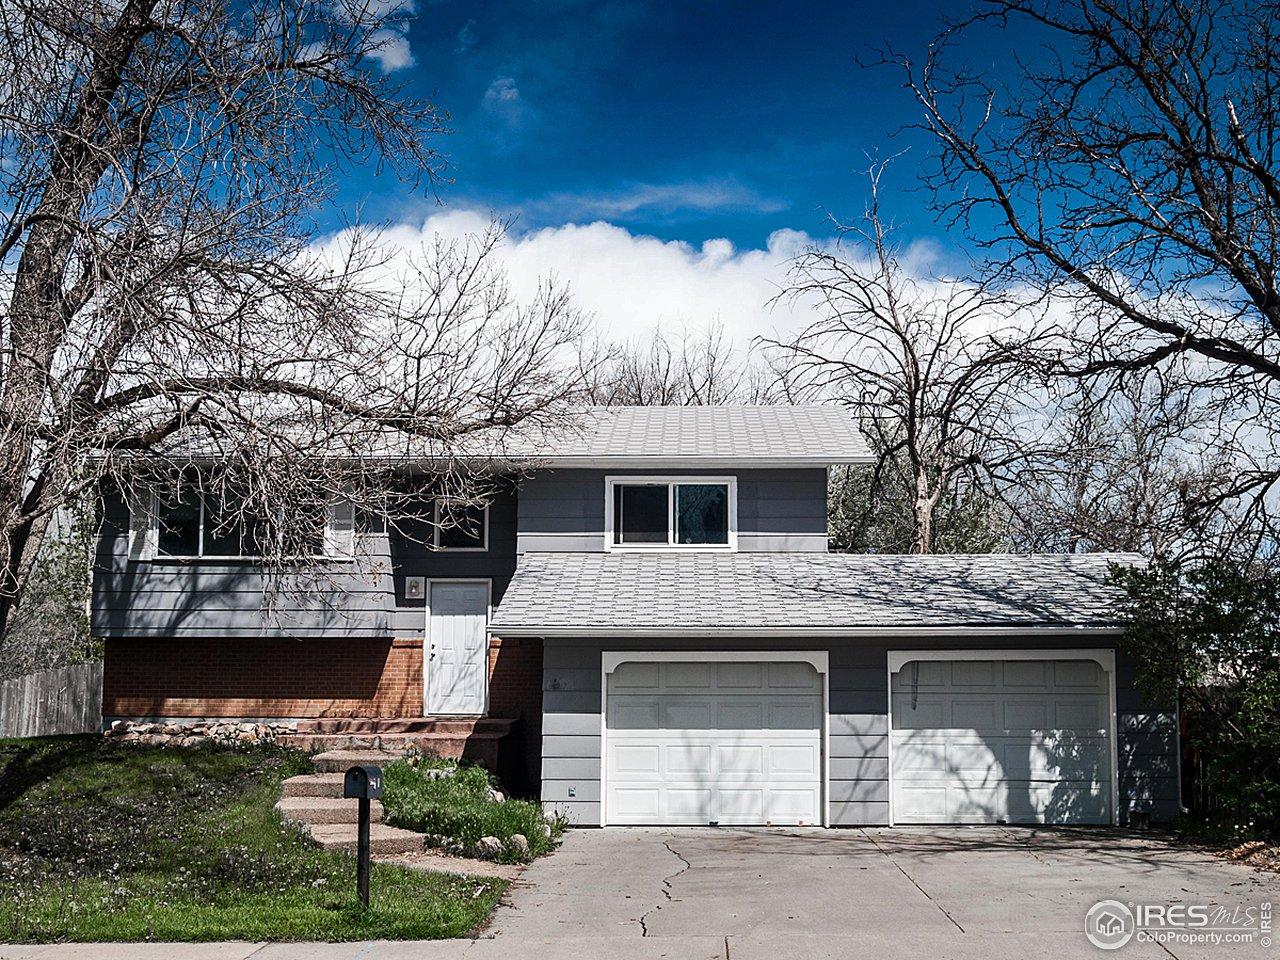 928 Ponderosa Dr, Fort Collins CO 80521